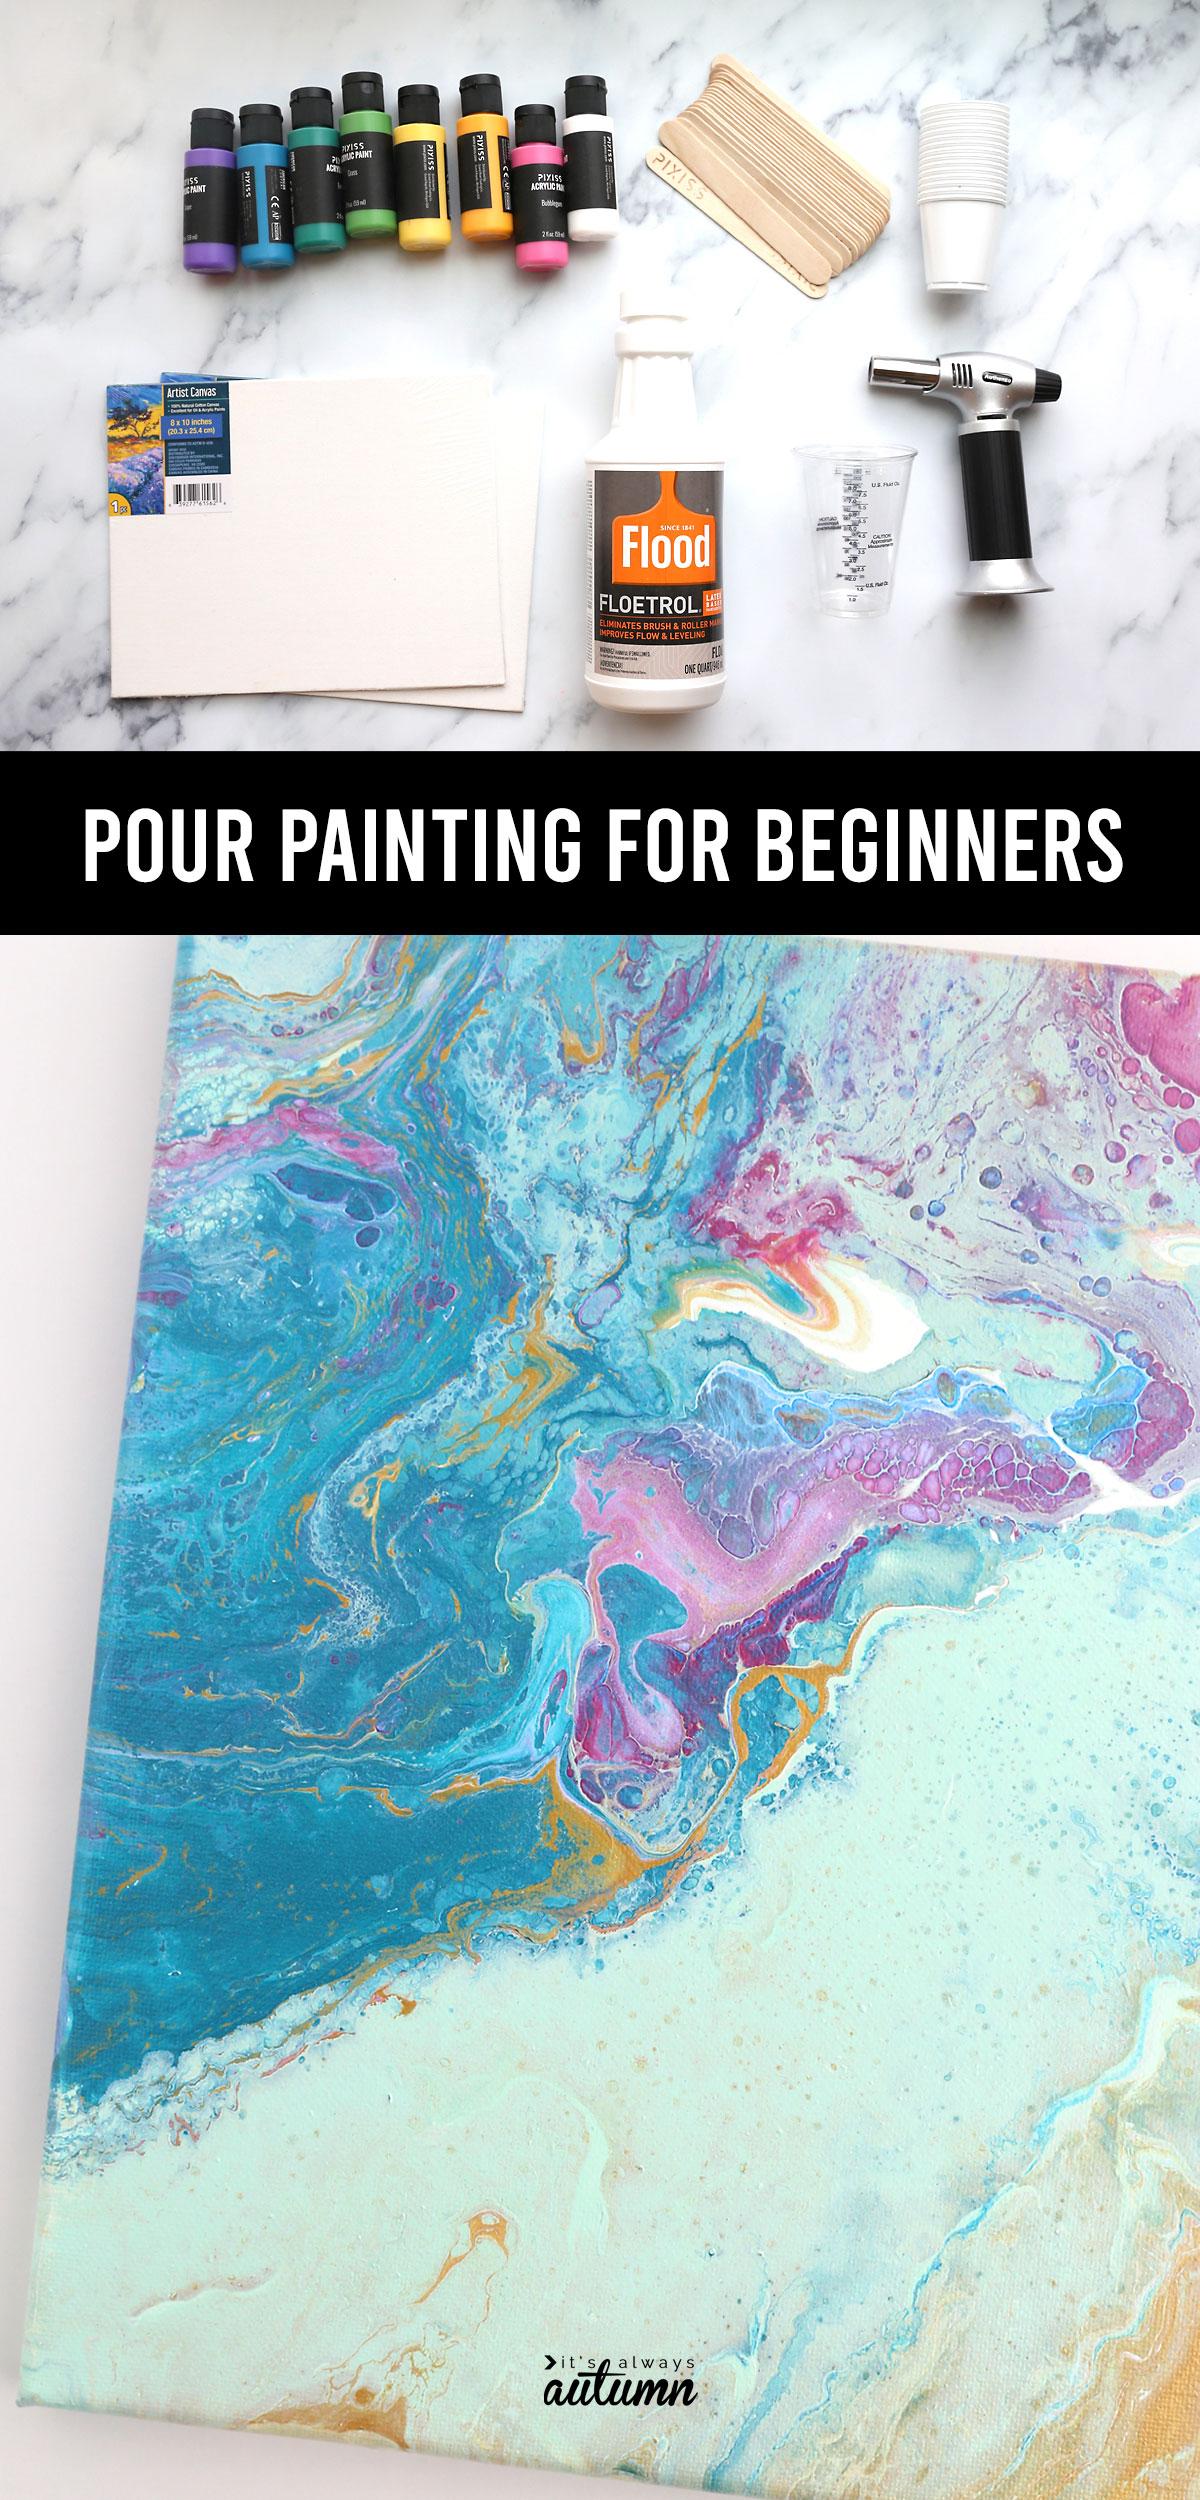 Suministros: pinturas acrílicas, palitos de helado, tazas pequeñas, lienzos, Flood Floetrol, taza para verter, antorcha de cocina;  Vierta la pintura para principiantes